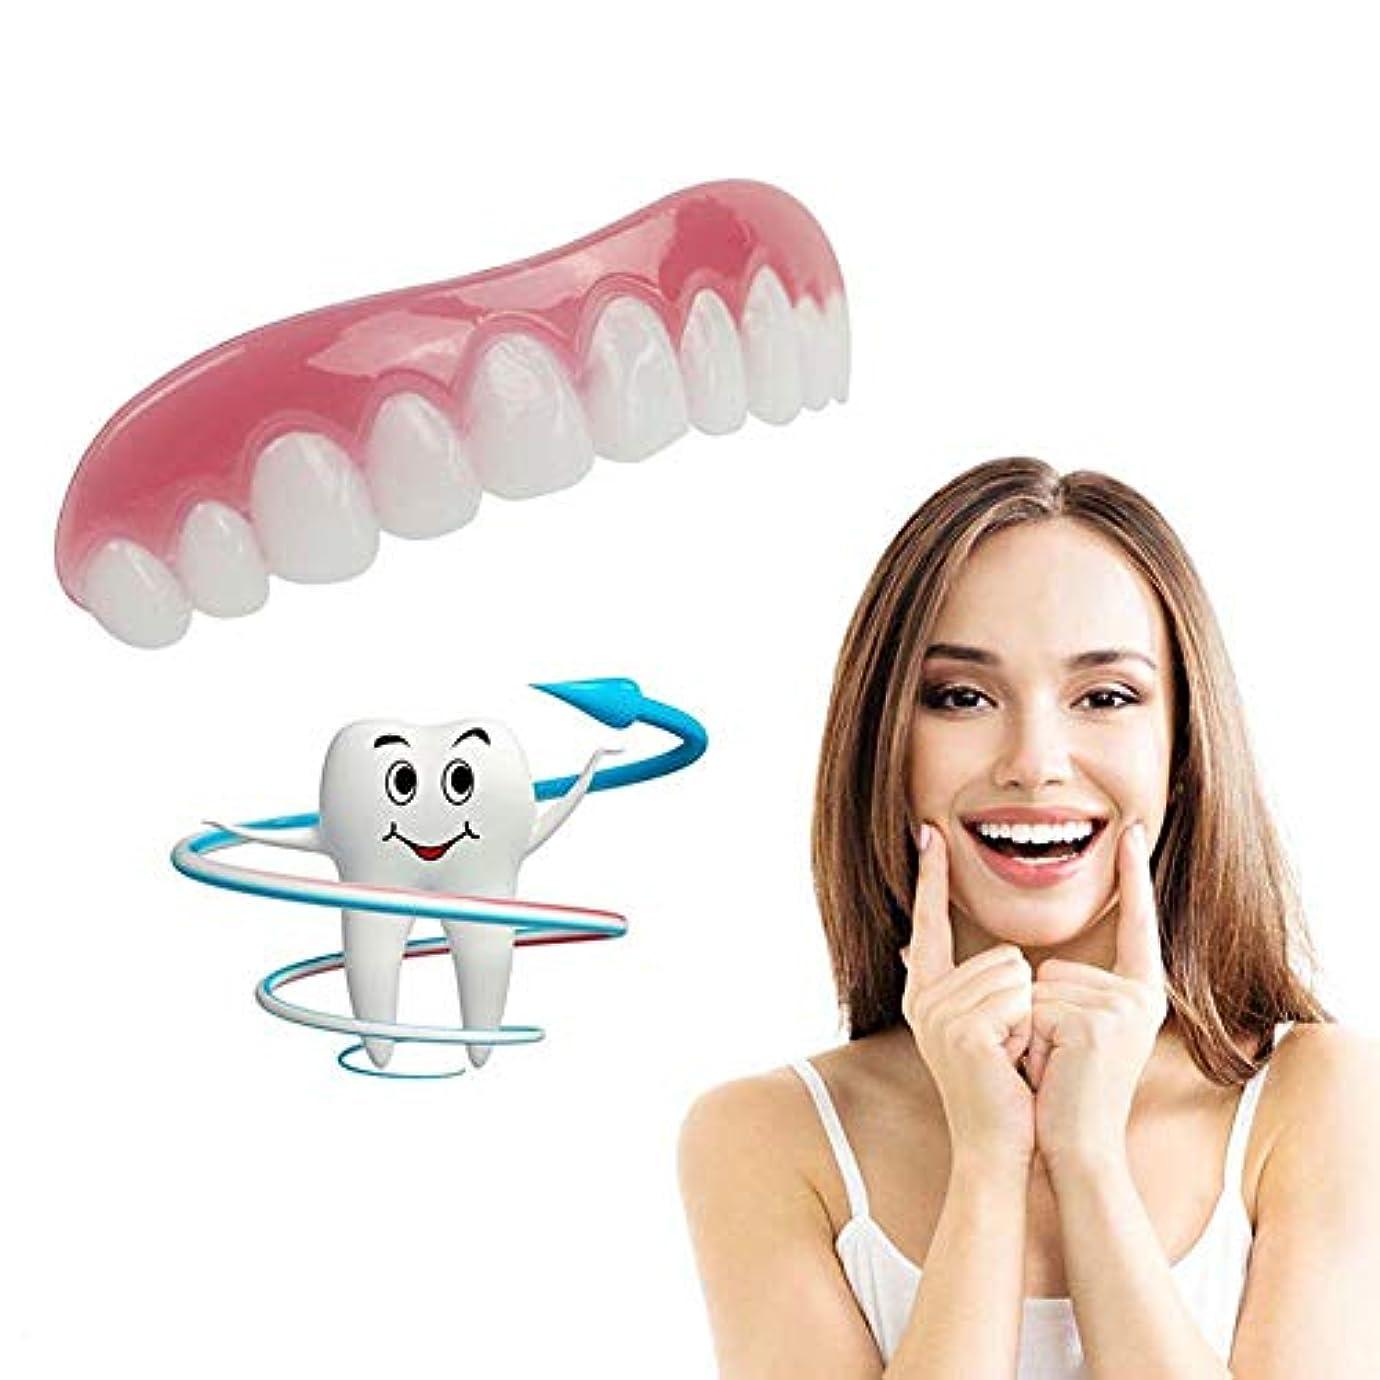 どちらかスピンフォーム化粧品の歯、超快適、快適なフィット感、白い歯をきれいにするための快適なフィットフレックス歯ソケット、快適なフィット感、3セット